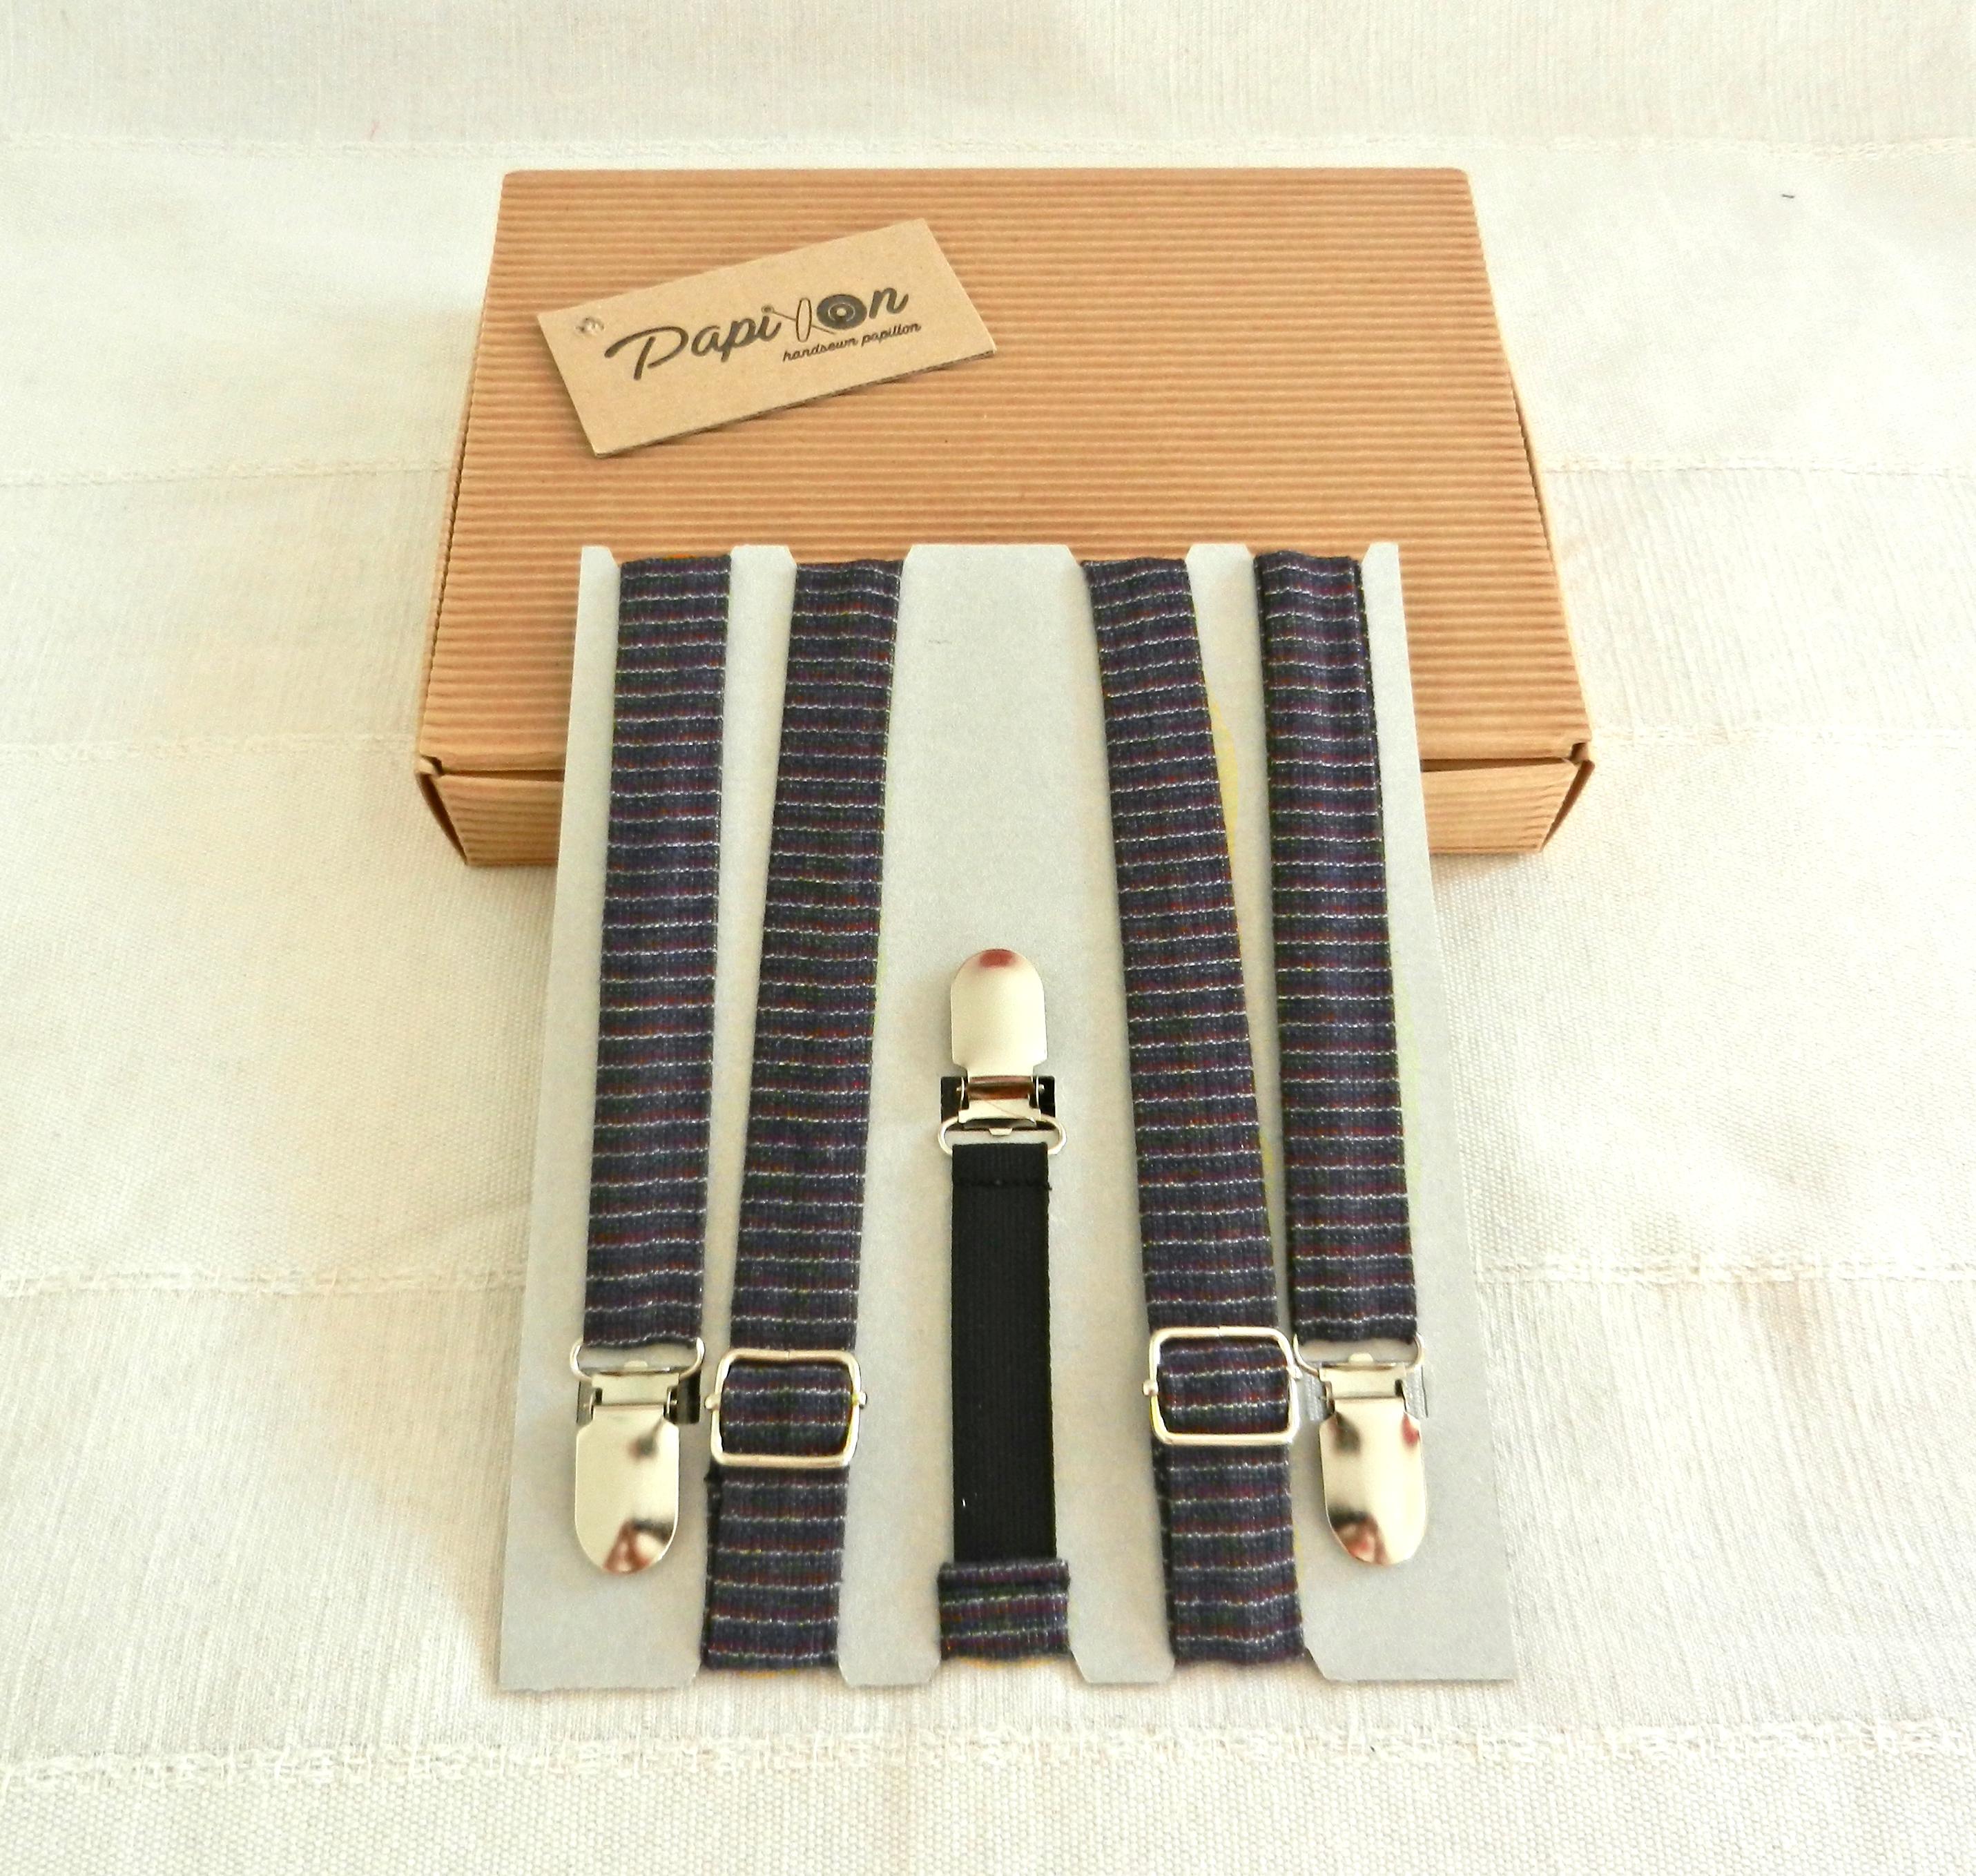 Bretelle strisce Grigio, Bianco, Violetto - Pezzi Unici.